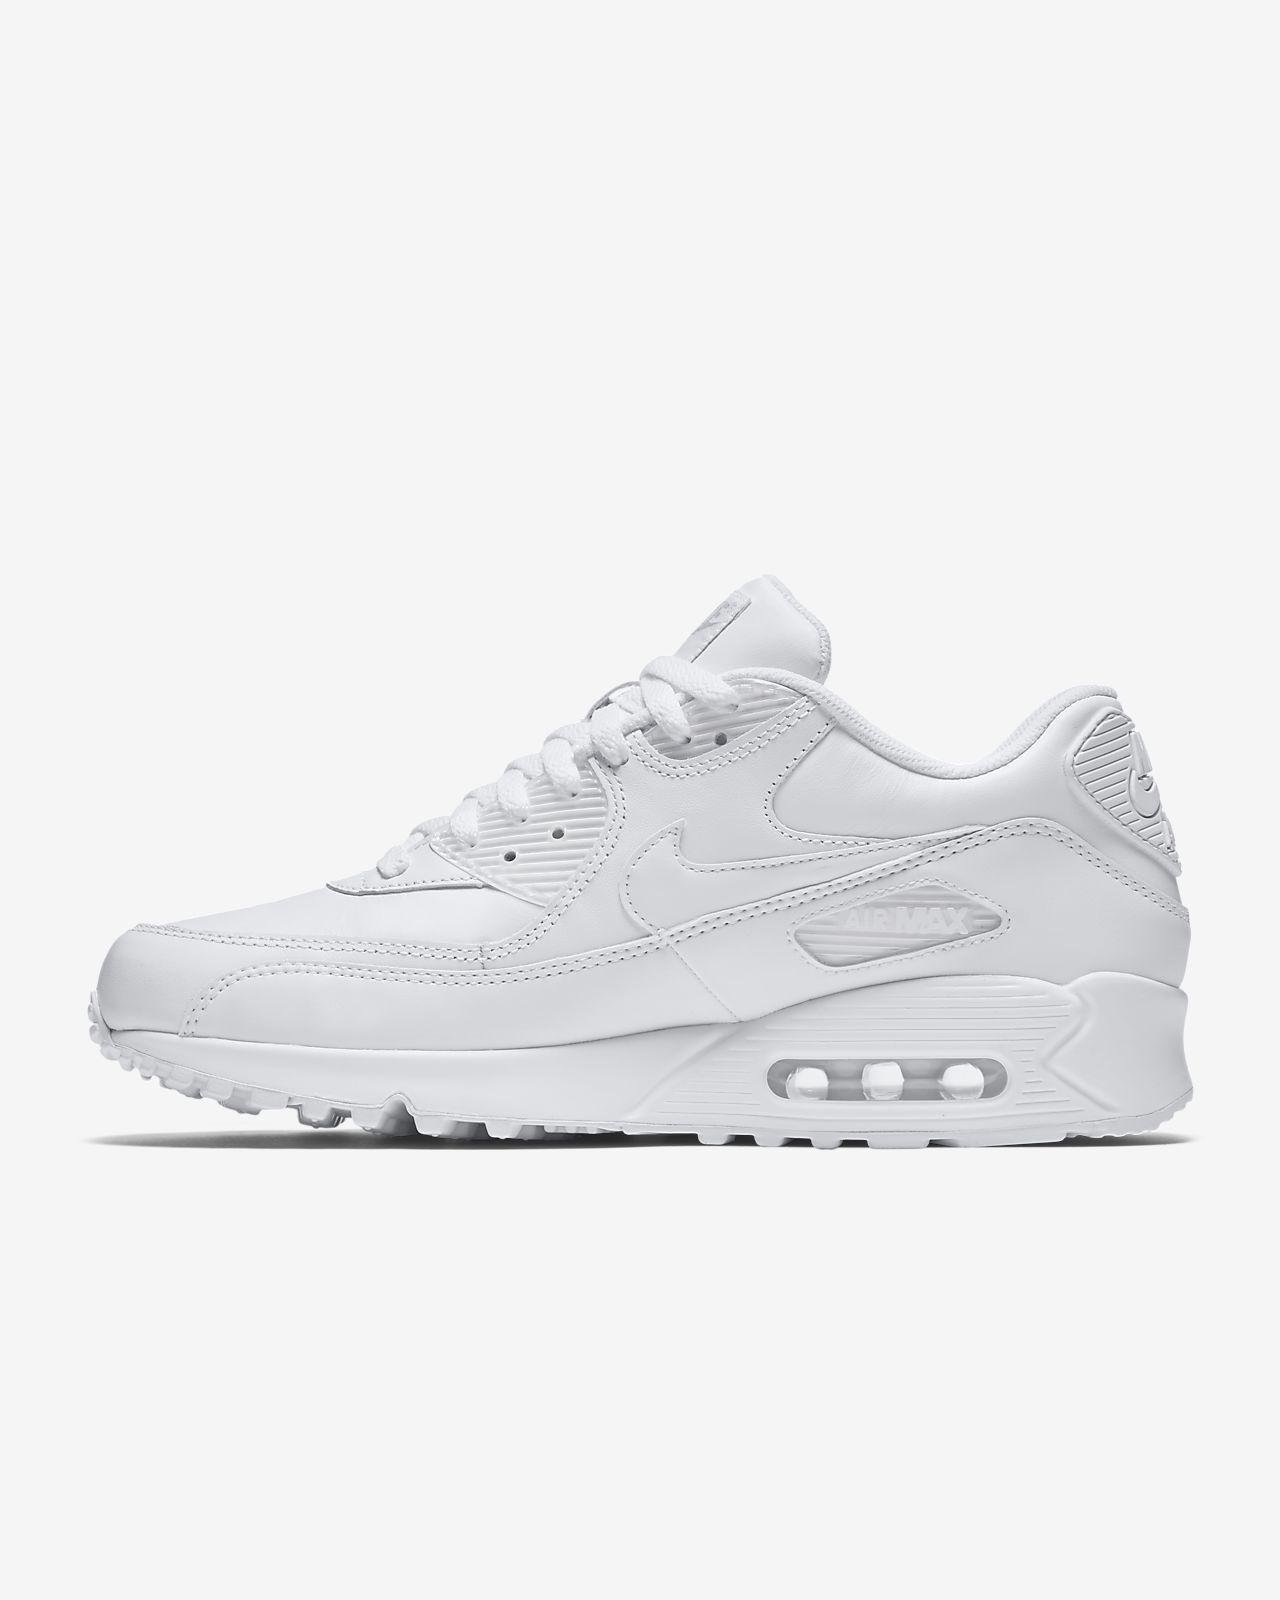 Nike Air Max 90 Leather White | Mens White Nike Air Max|Nike Air Max 90